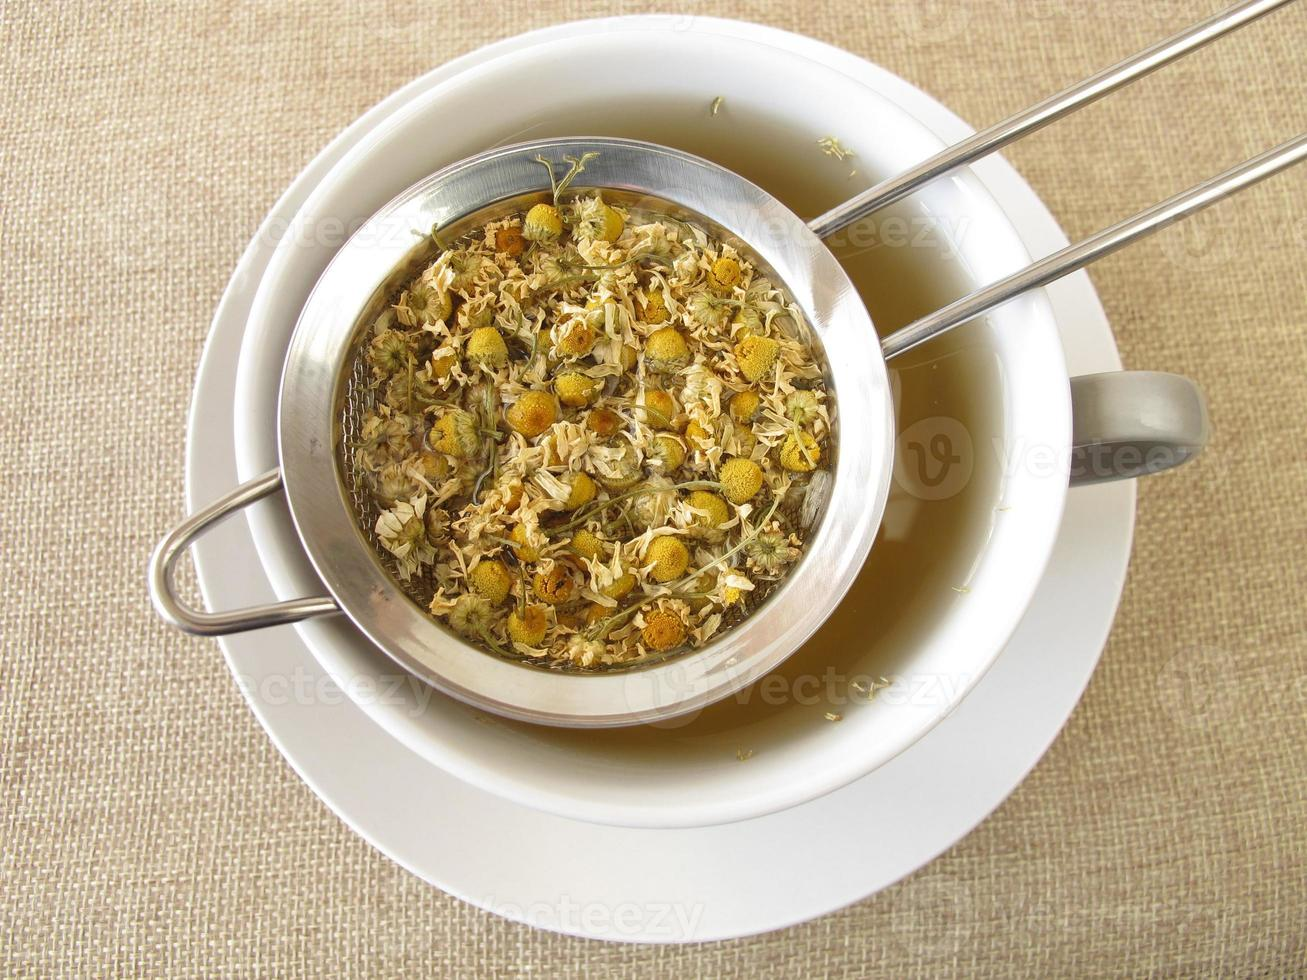 thé de fleurs de camomille dans une passoire à thé photo